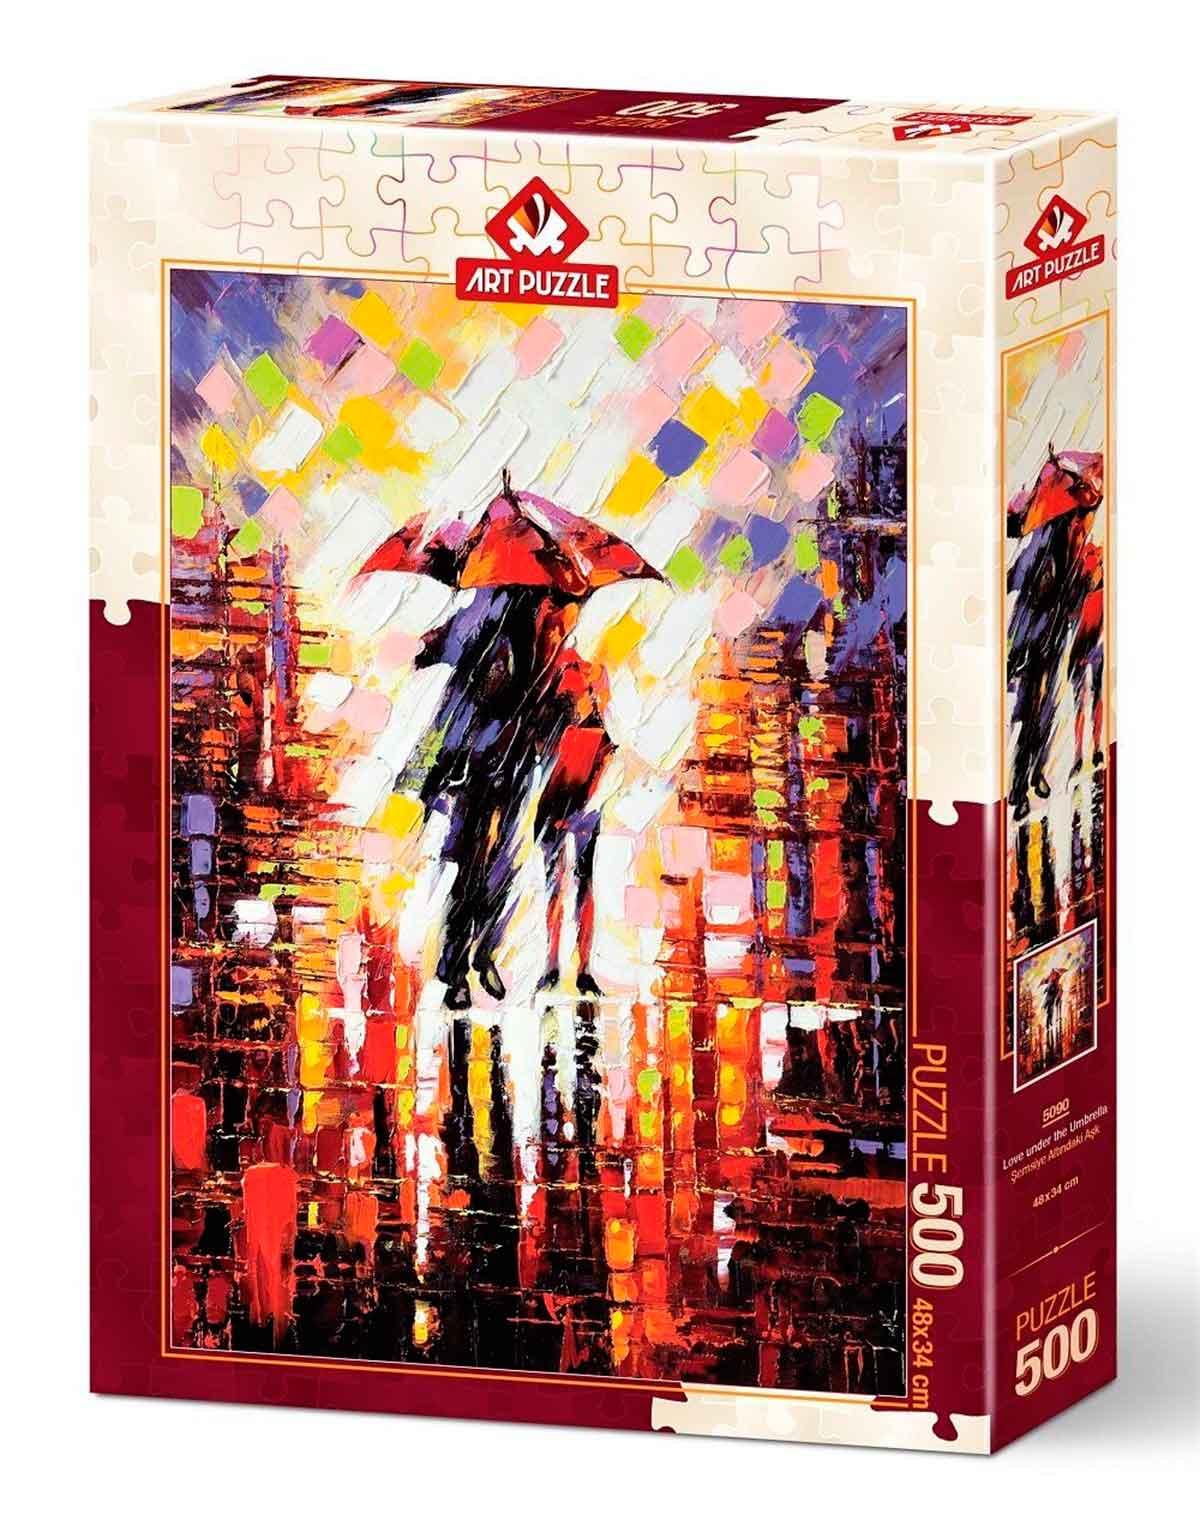 Puzzle Art Puzzle Amor Bajo el Paraguas de 500 Piezas